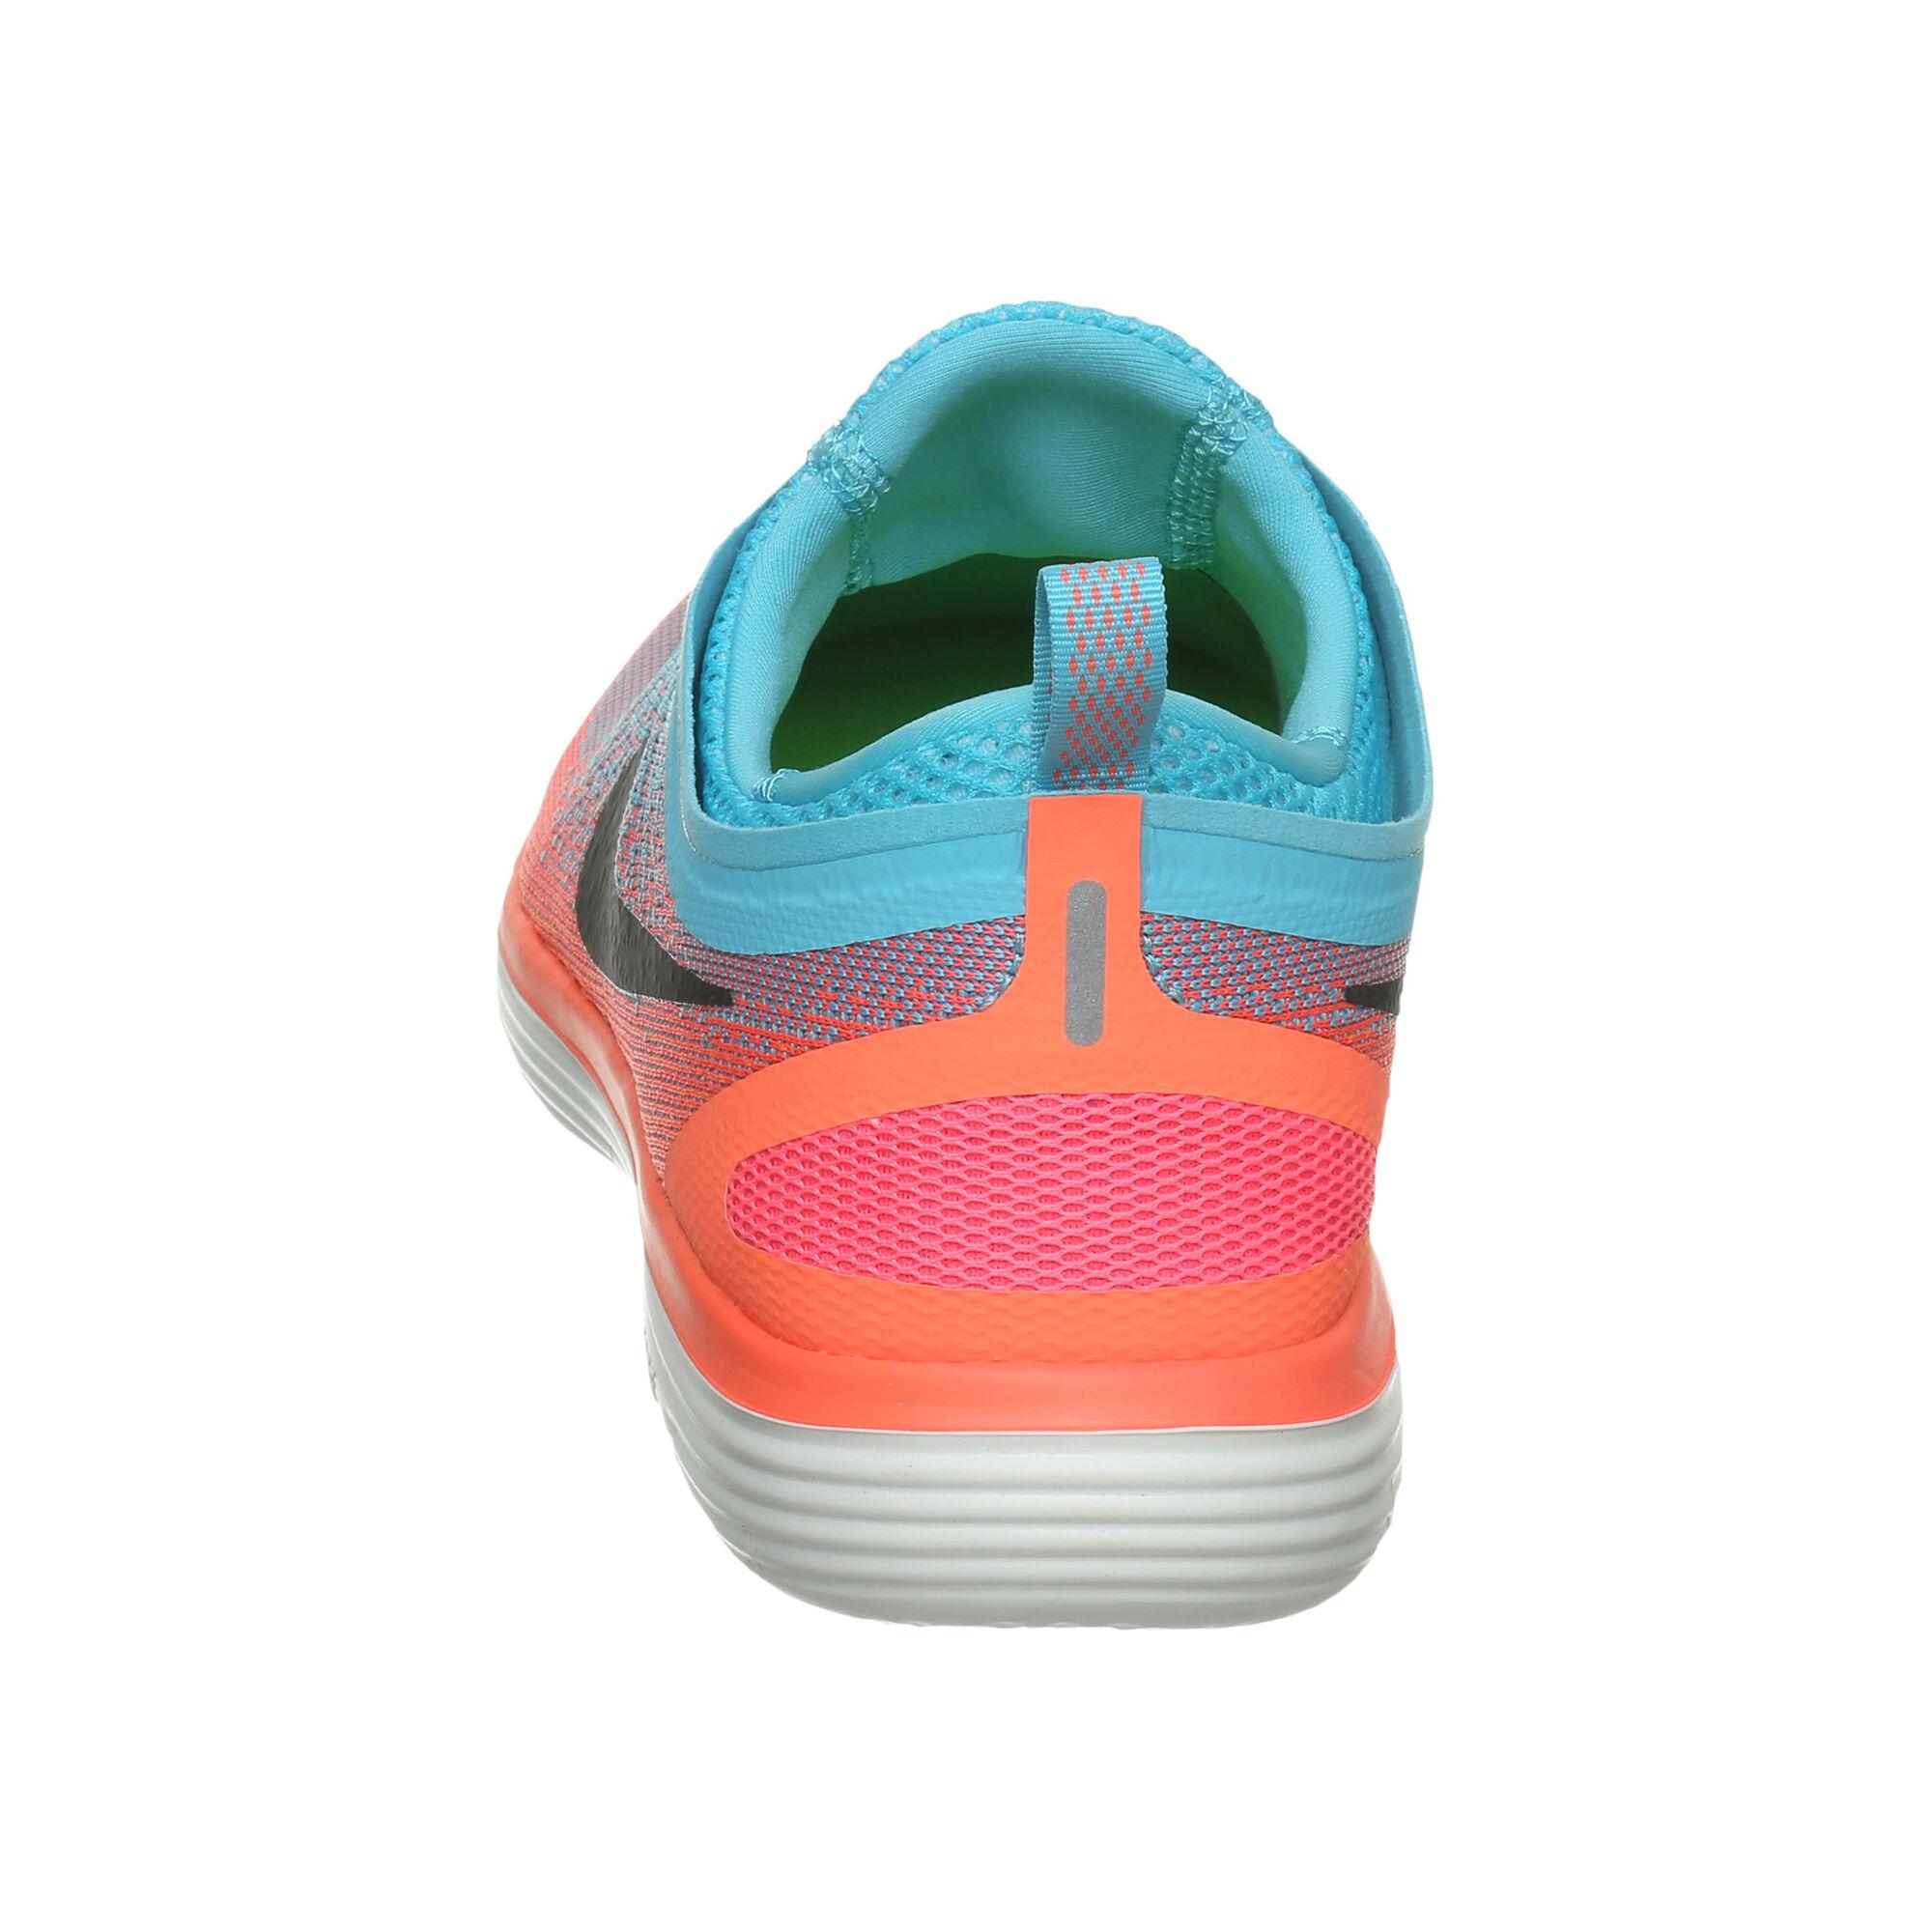 8377bf8ed7dbb3 Nike  Nike  Nike  Nike  Nike  Nike  Nike  Nike  Nike  Nike. Free Run  Distance 2 Women ...